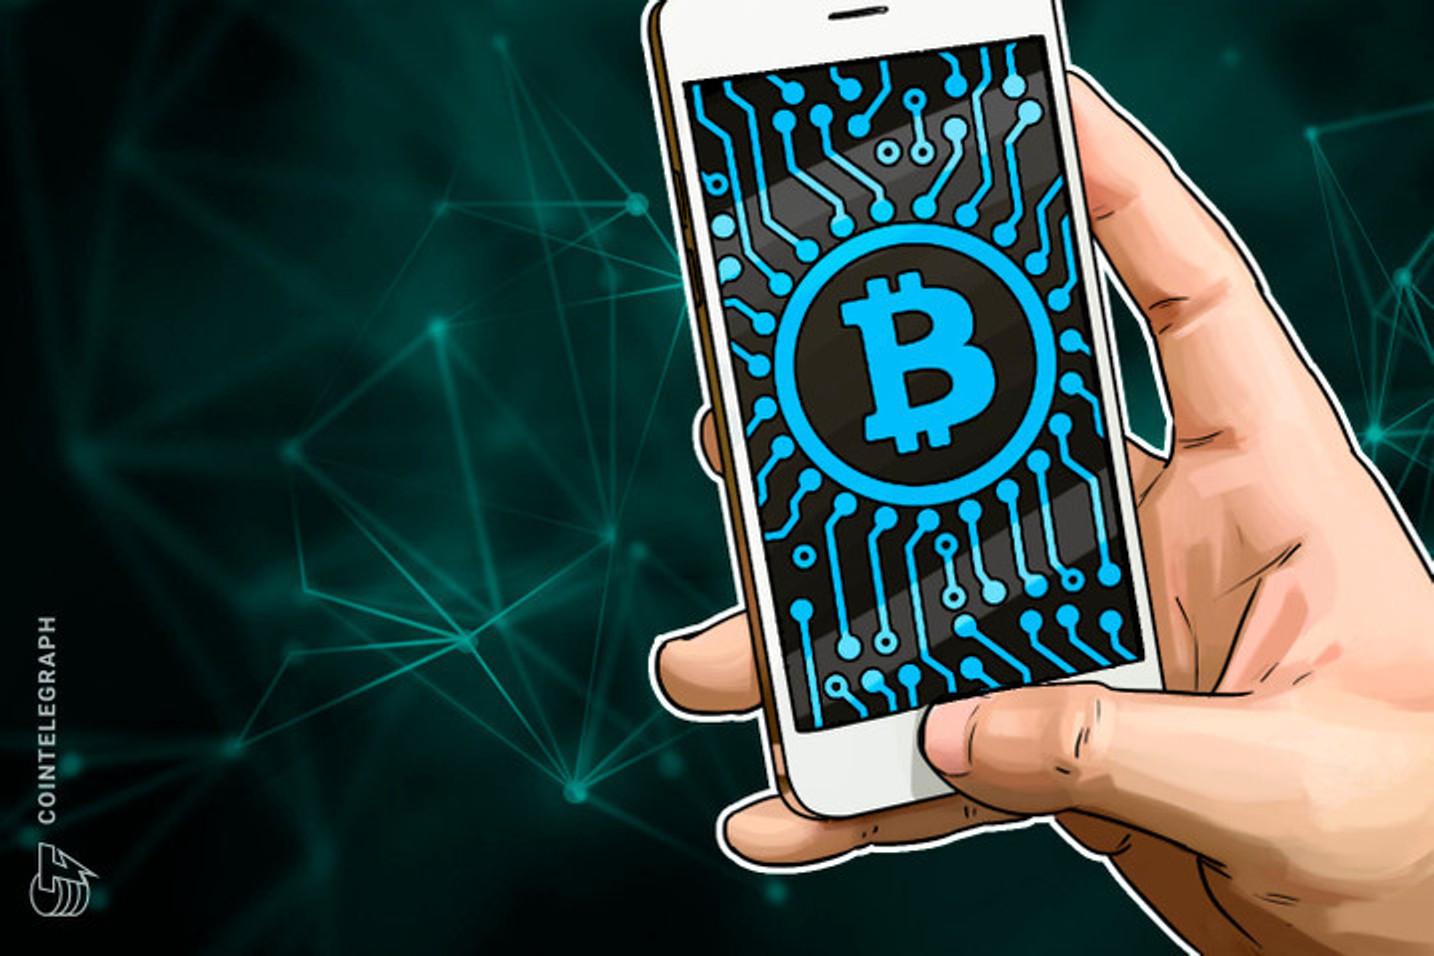 El número de wallets con pequeñas cantidades de Bitcoin se ha disparado desde el crash del 12 de marzo